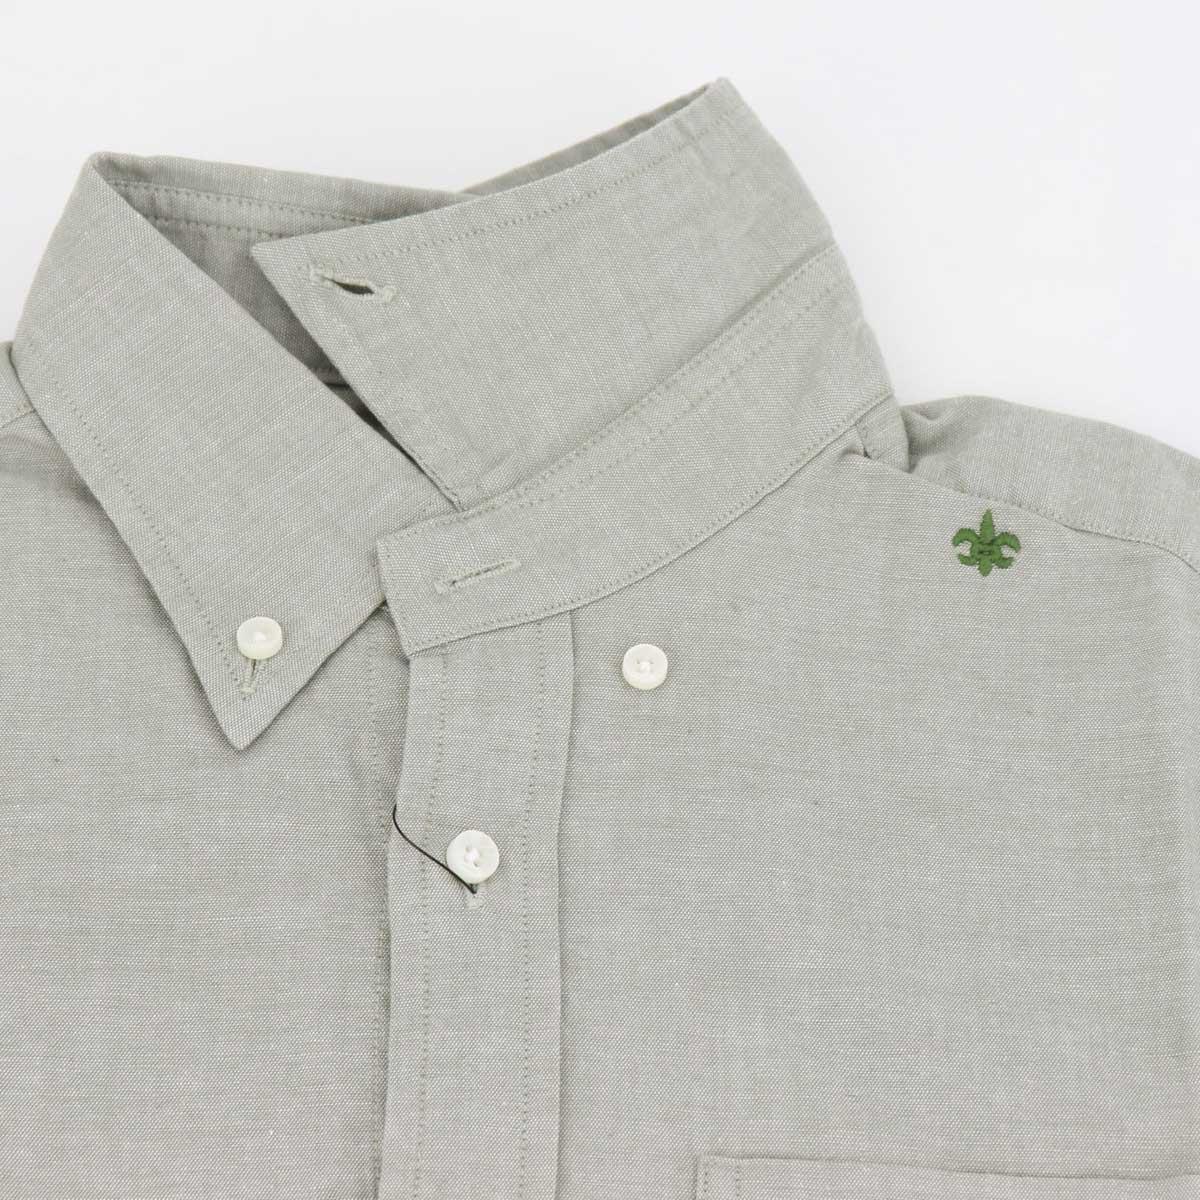 【50%OFF】シャンブレー ボタンダウンシャツ(GREEN)